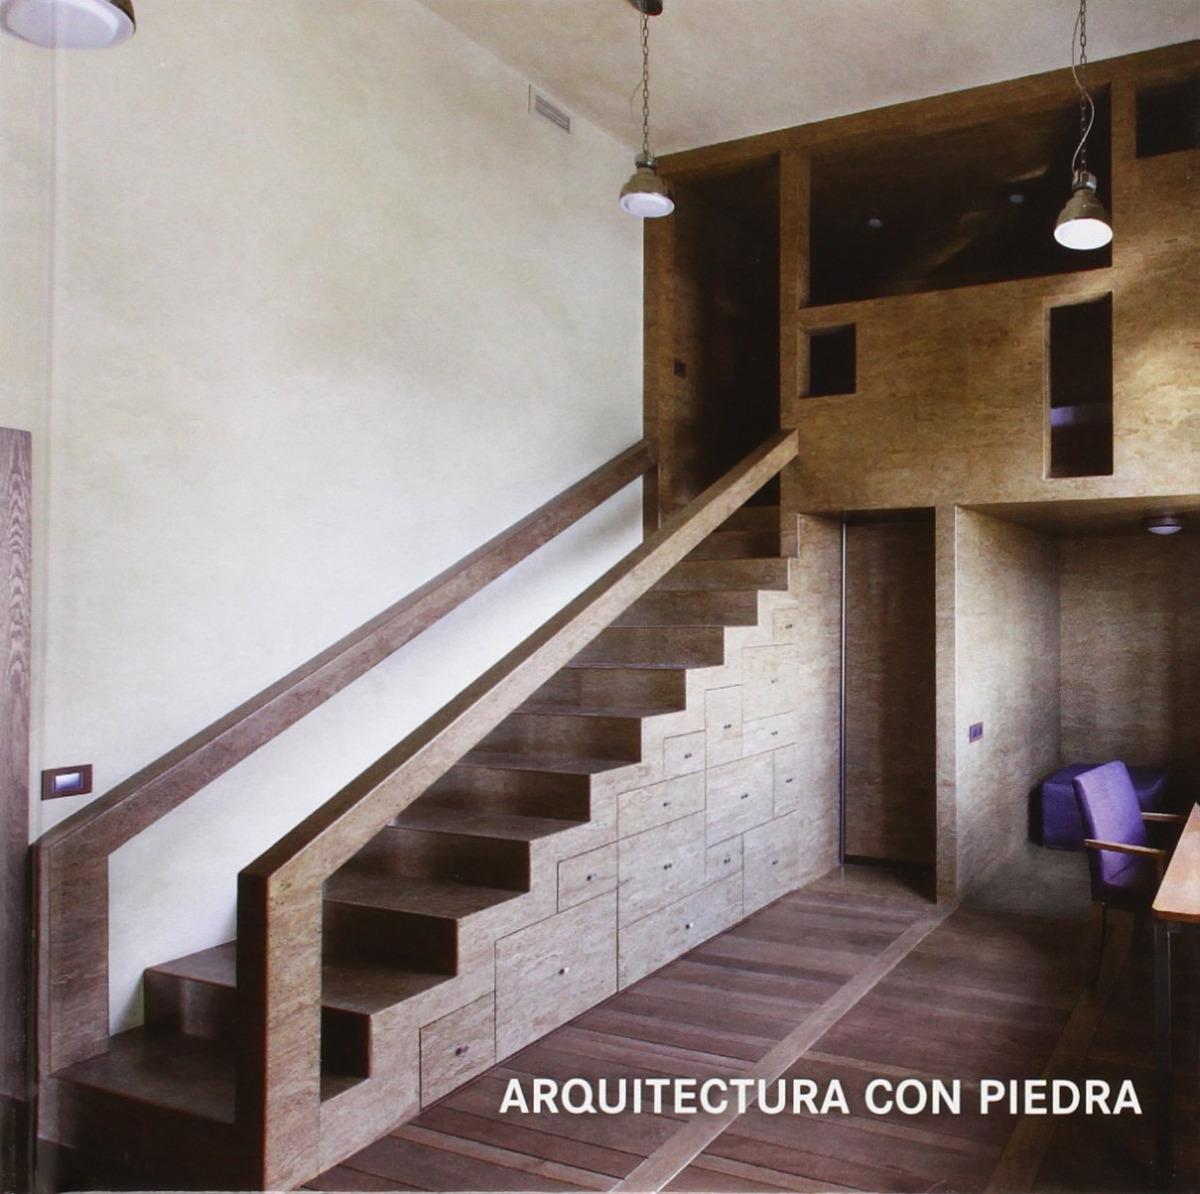 ARQUITECTURA CON PIEDRA 9783864073311